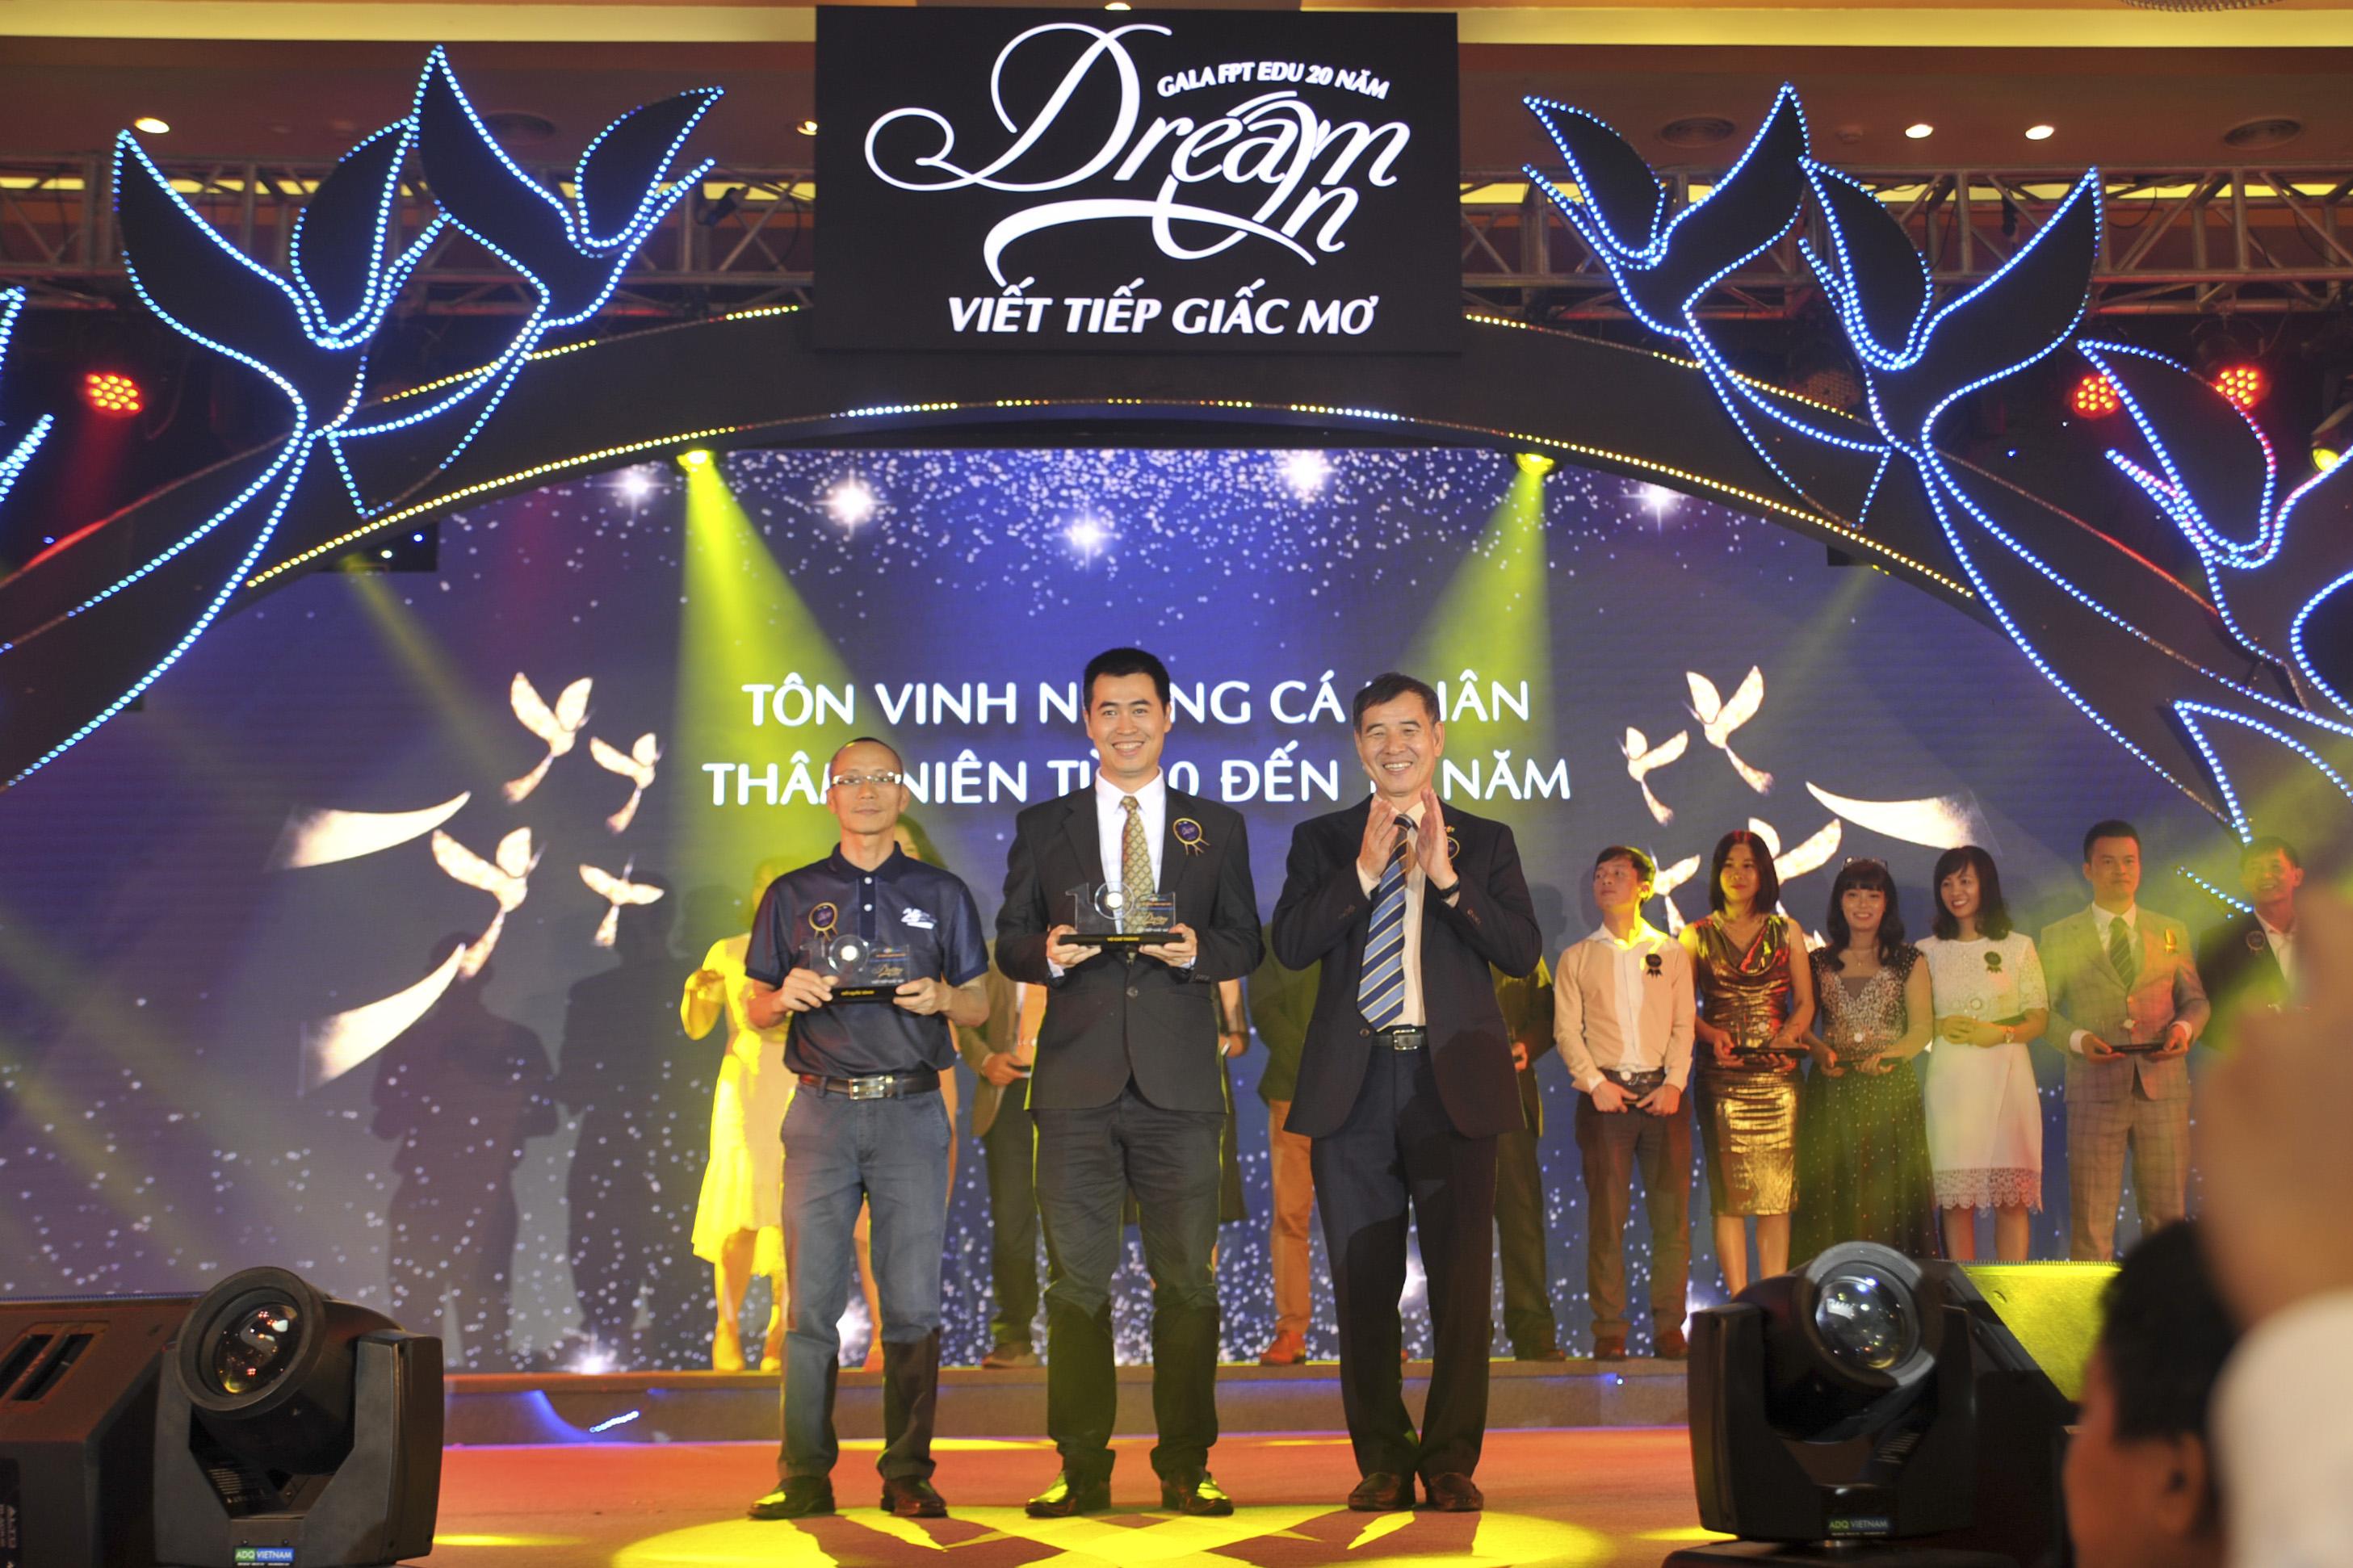 Cũng trong đêm gala, BTC dành một khoảng thời gian khá dài để tôn vinh các cá nhân đã gắn bó với tổ chức từ 10 đến 20 năm, các cá nhân truyền cảm hứng và 20 cựu sinh viên có thành tích xuất sắc.